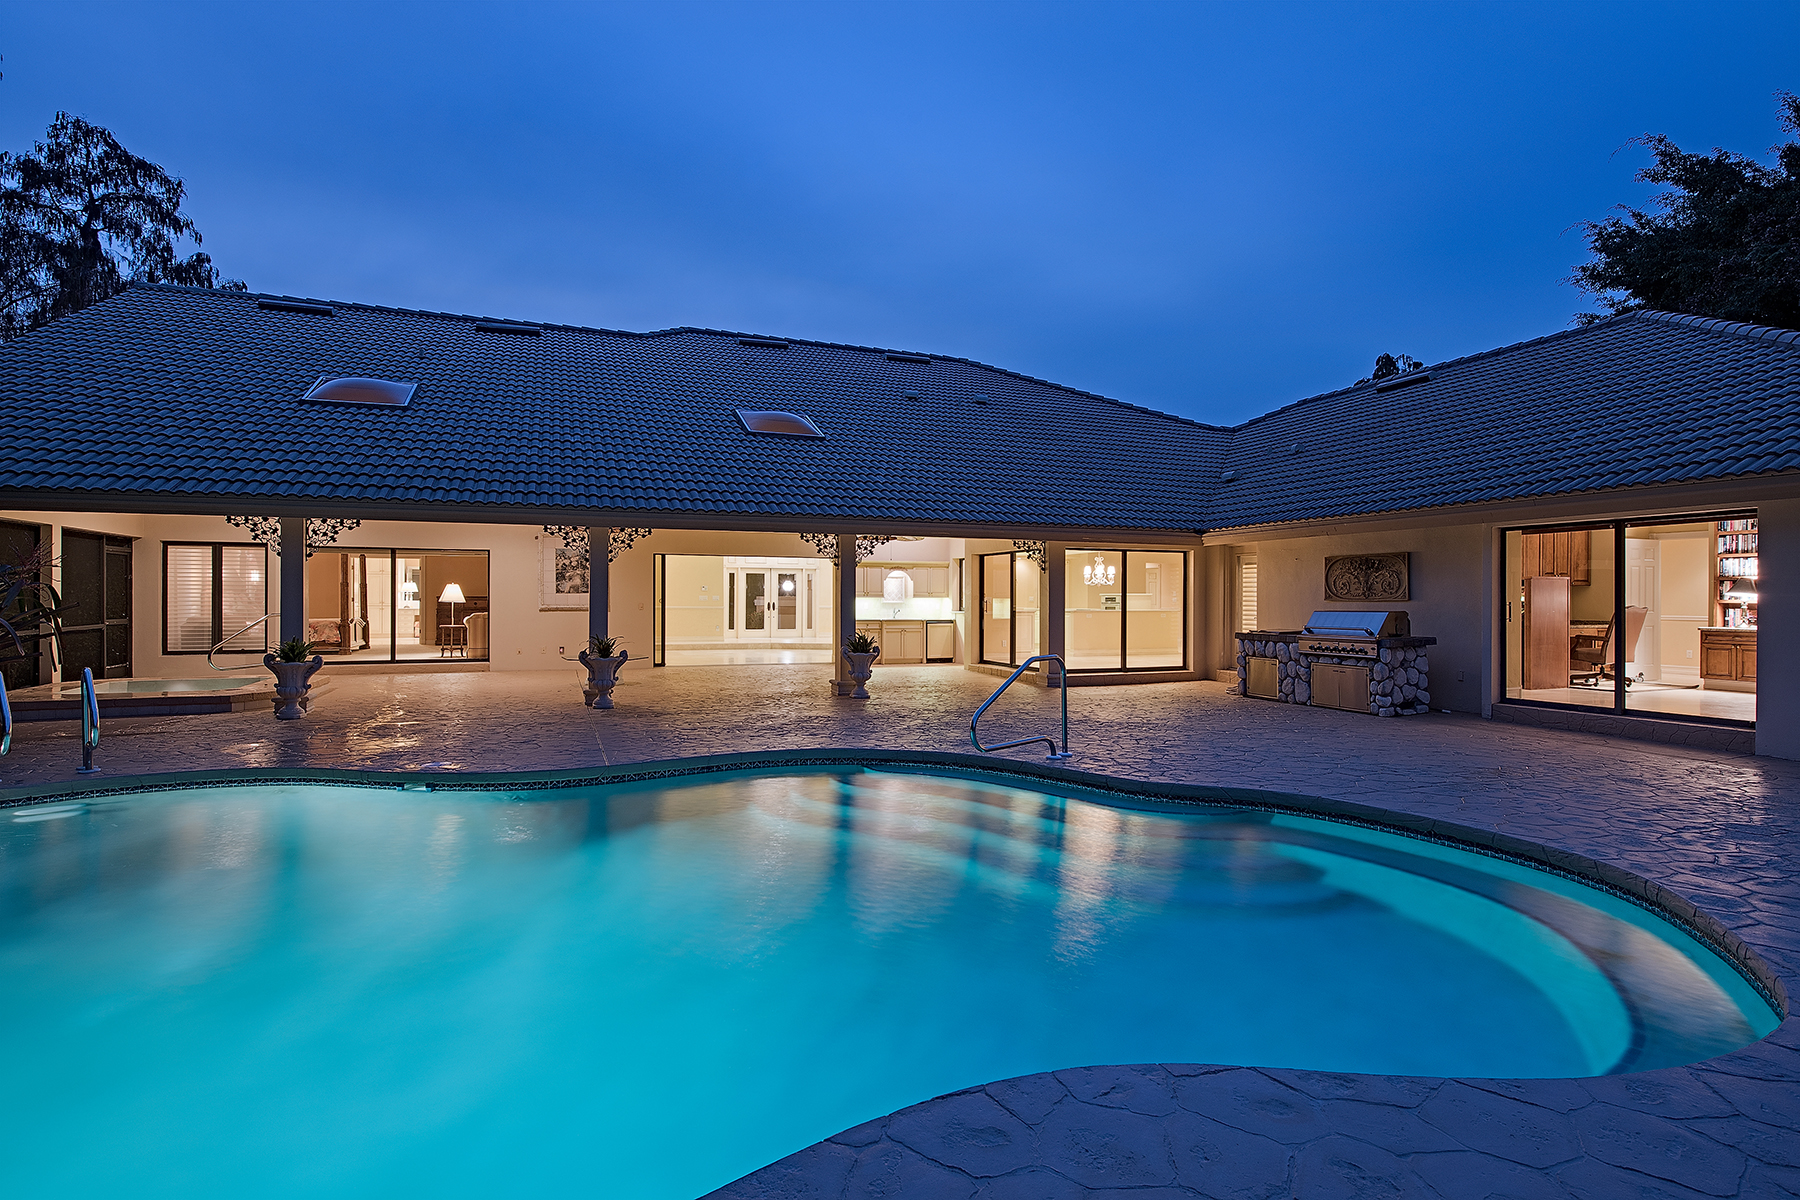 Частный односемейный дом для того Продажа на QUAIL CREEK 12802 Pond Apple Dr W Quail Creek, Naples, Флорида, 34119 Соединенные Штаты